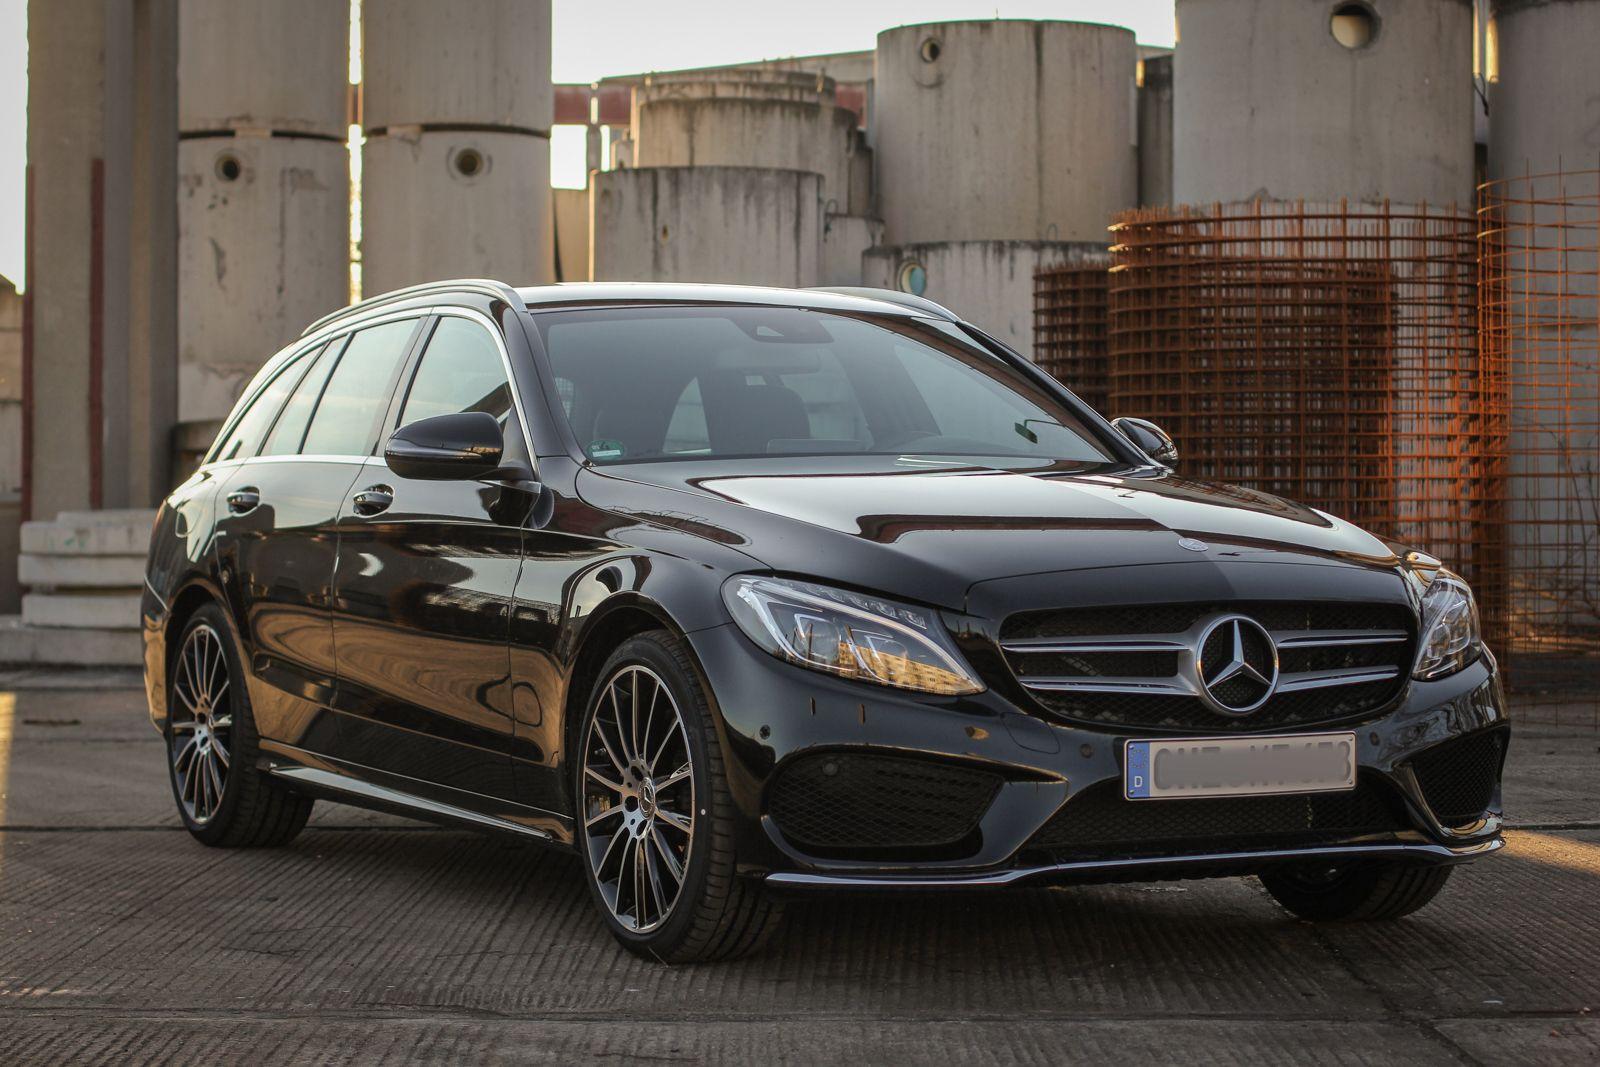 Mercedes Benz C Klasse T Modell AMG Line